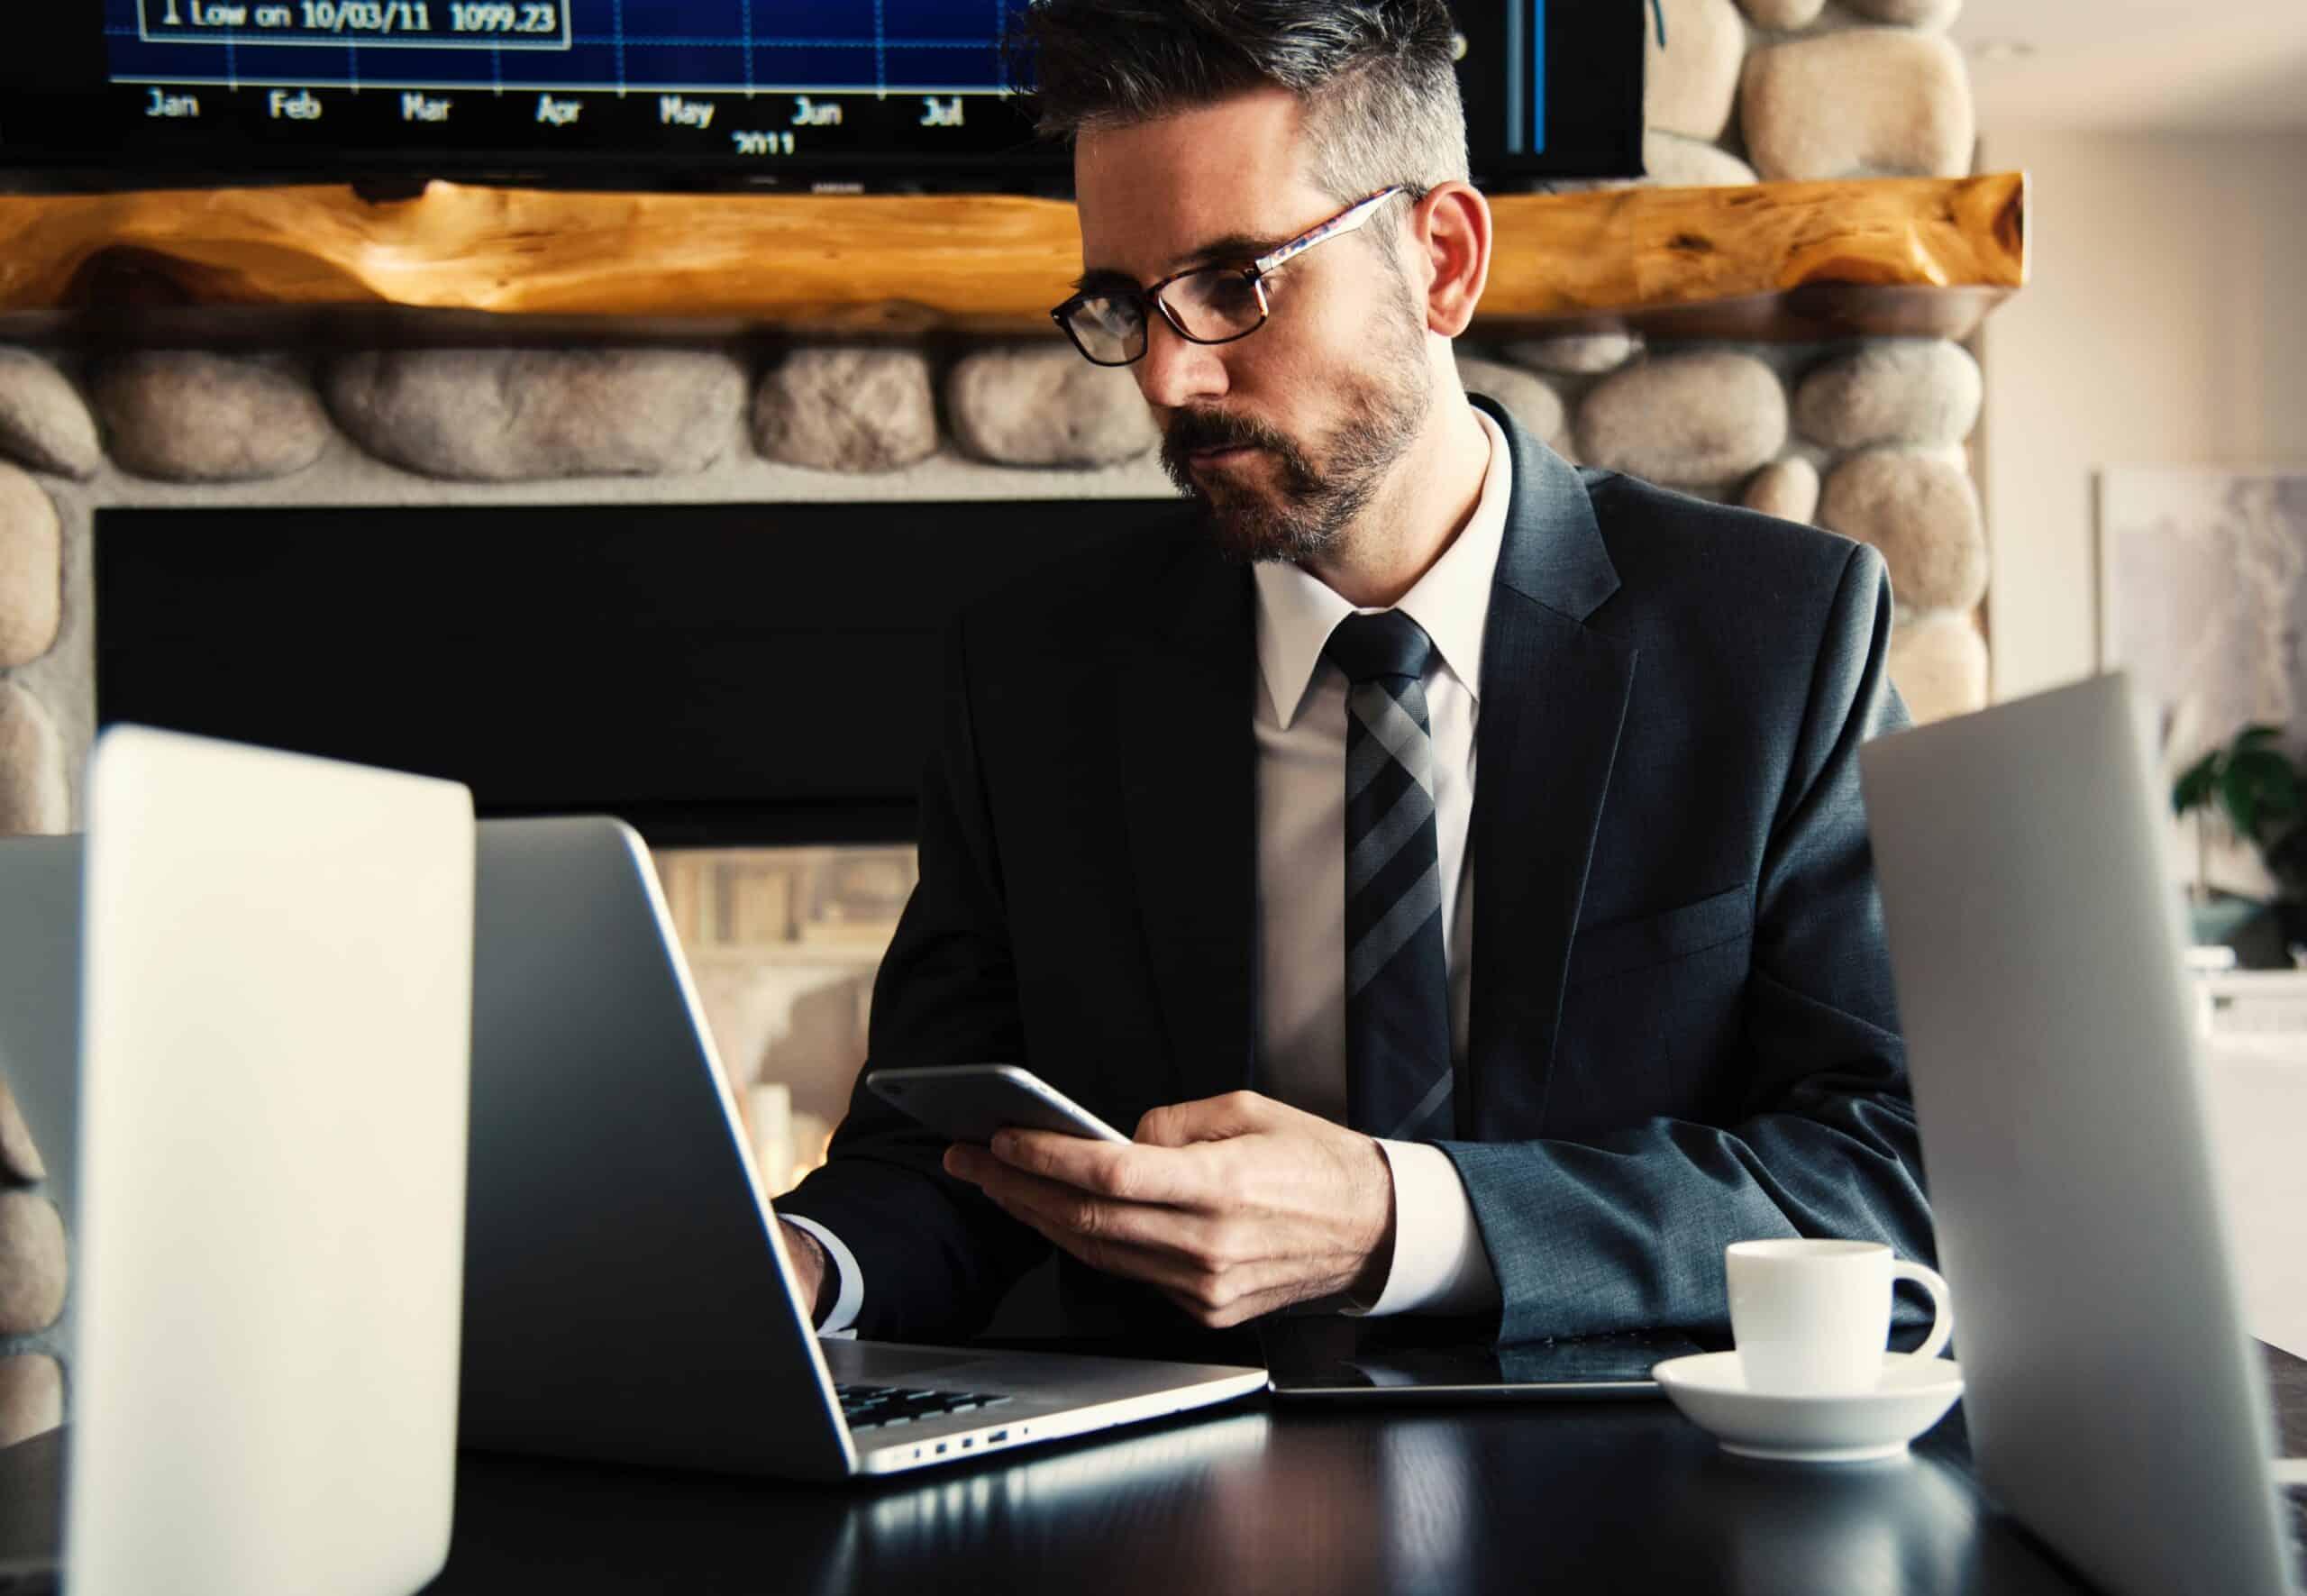 Small-Business-Loan-SBA-Loan-Funding